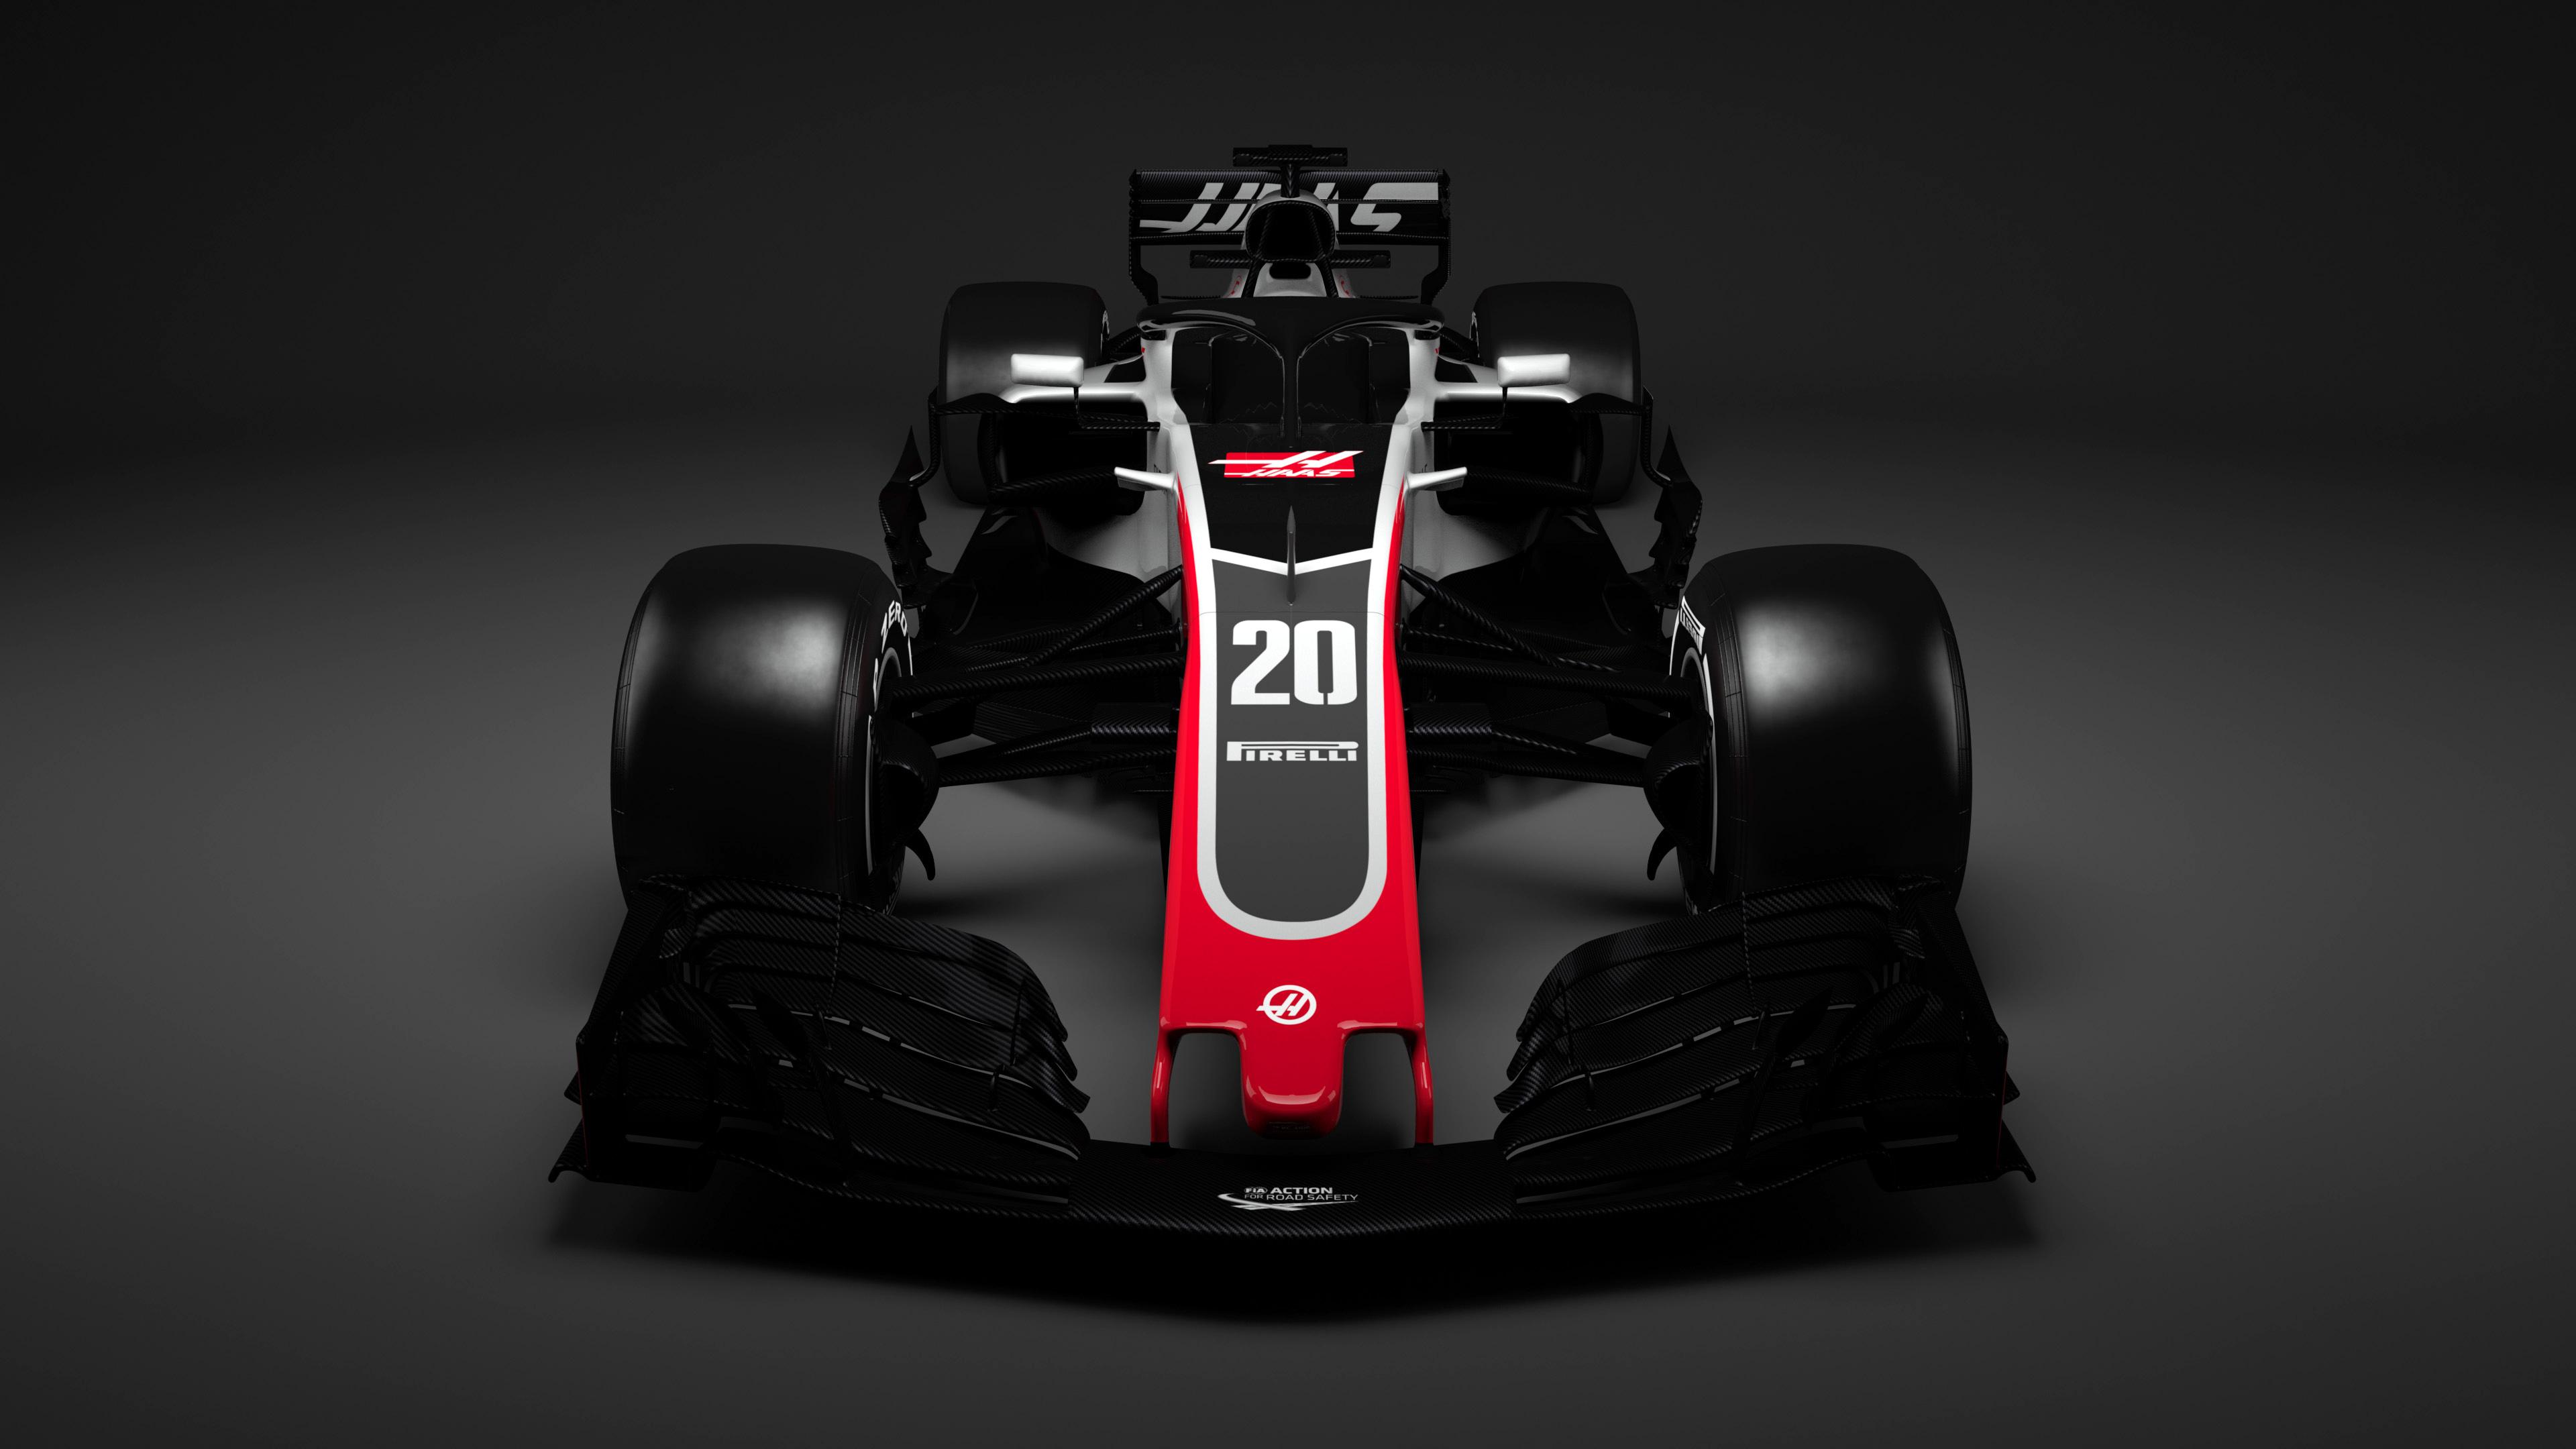 Автомобиль Формулы 1 haas обои скачать